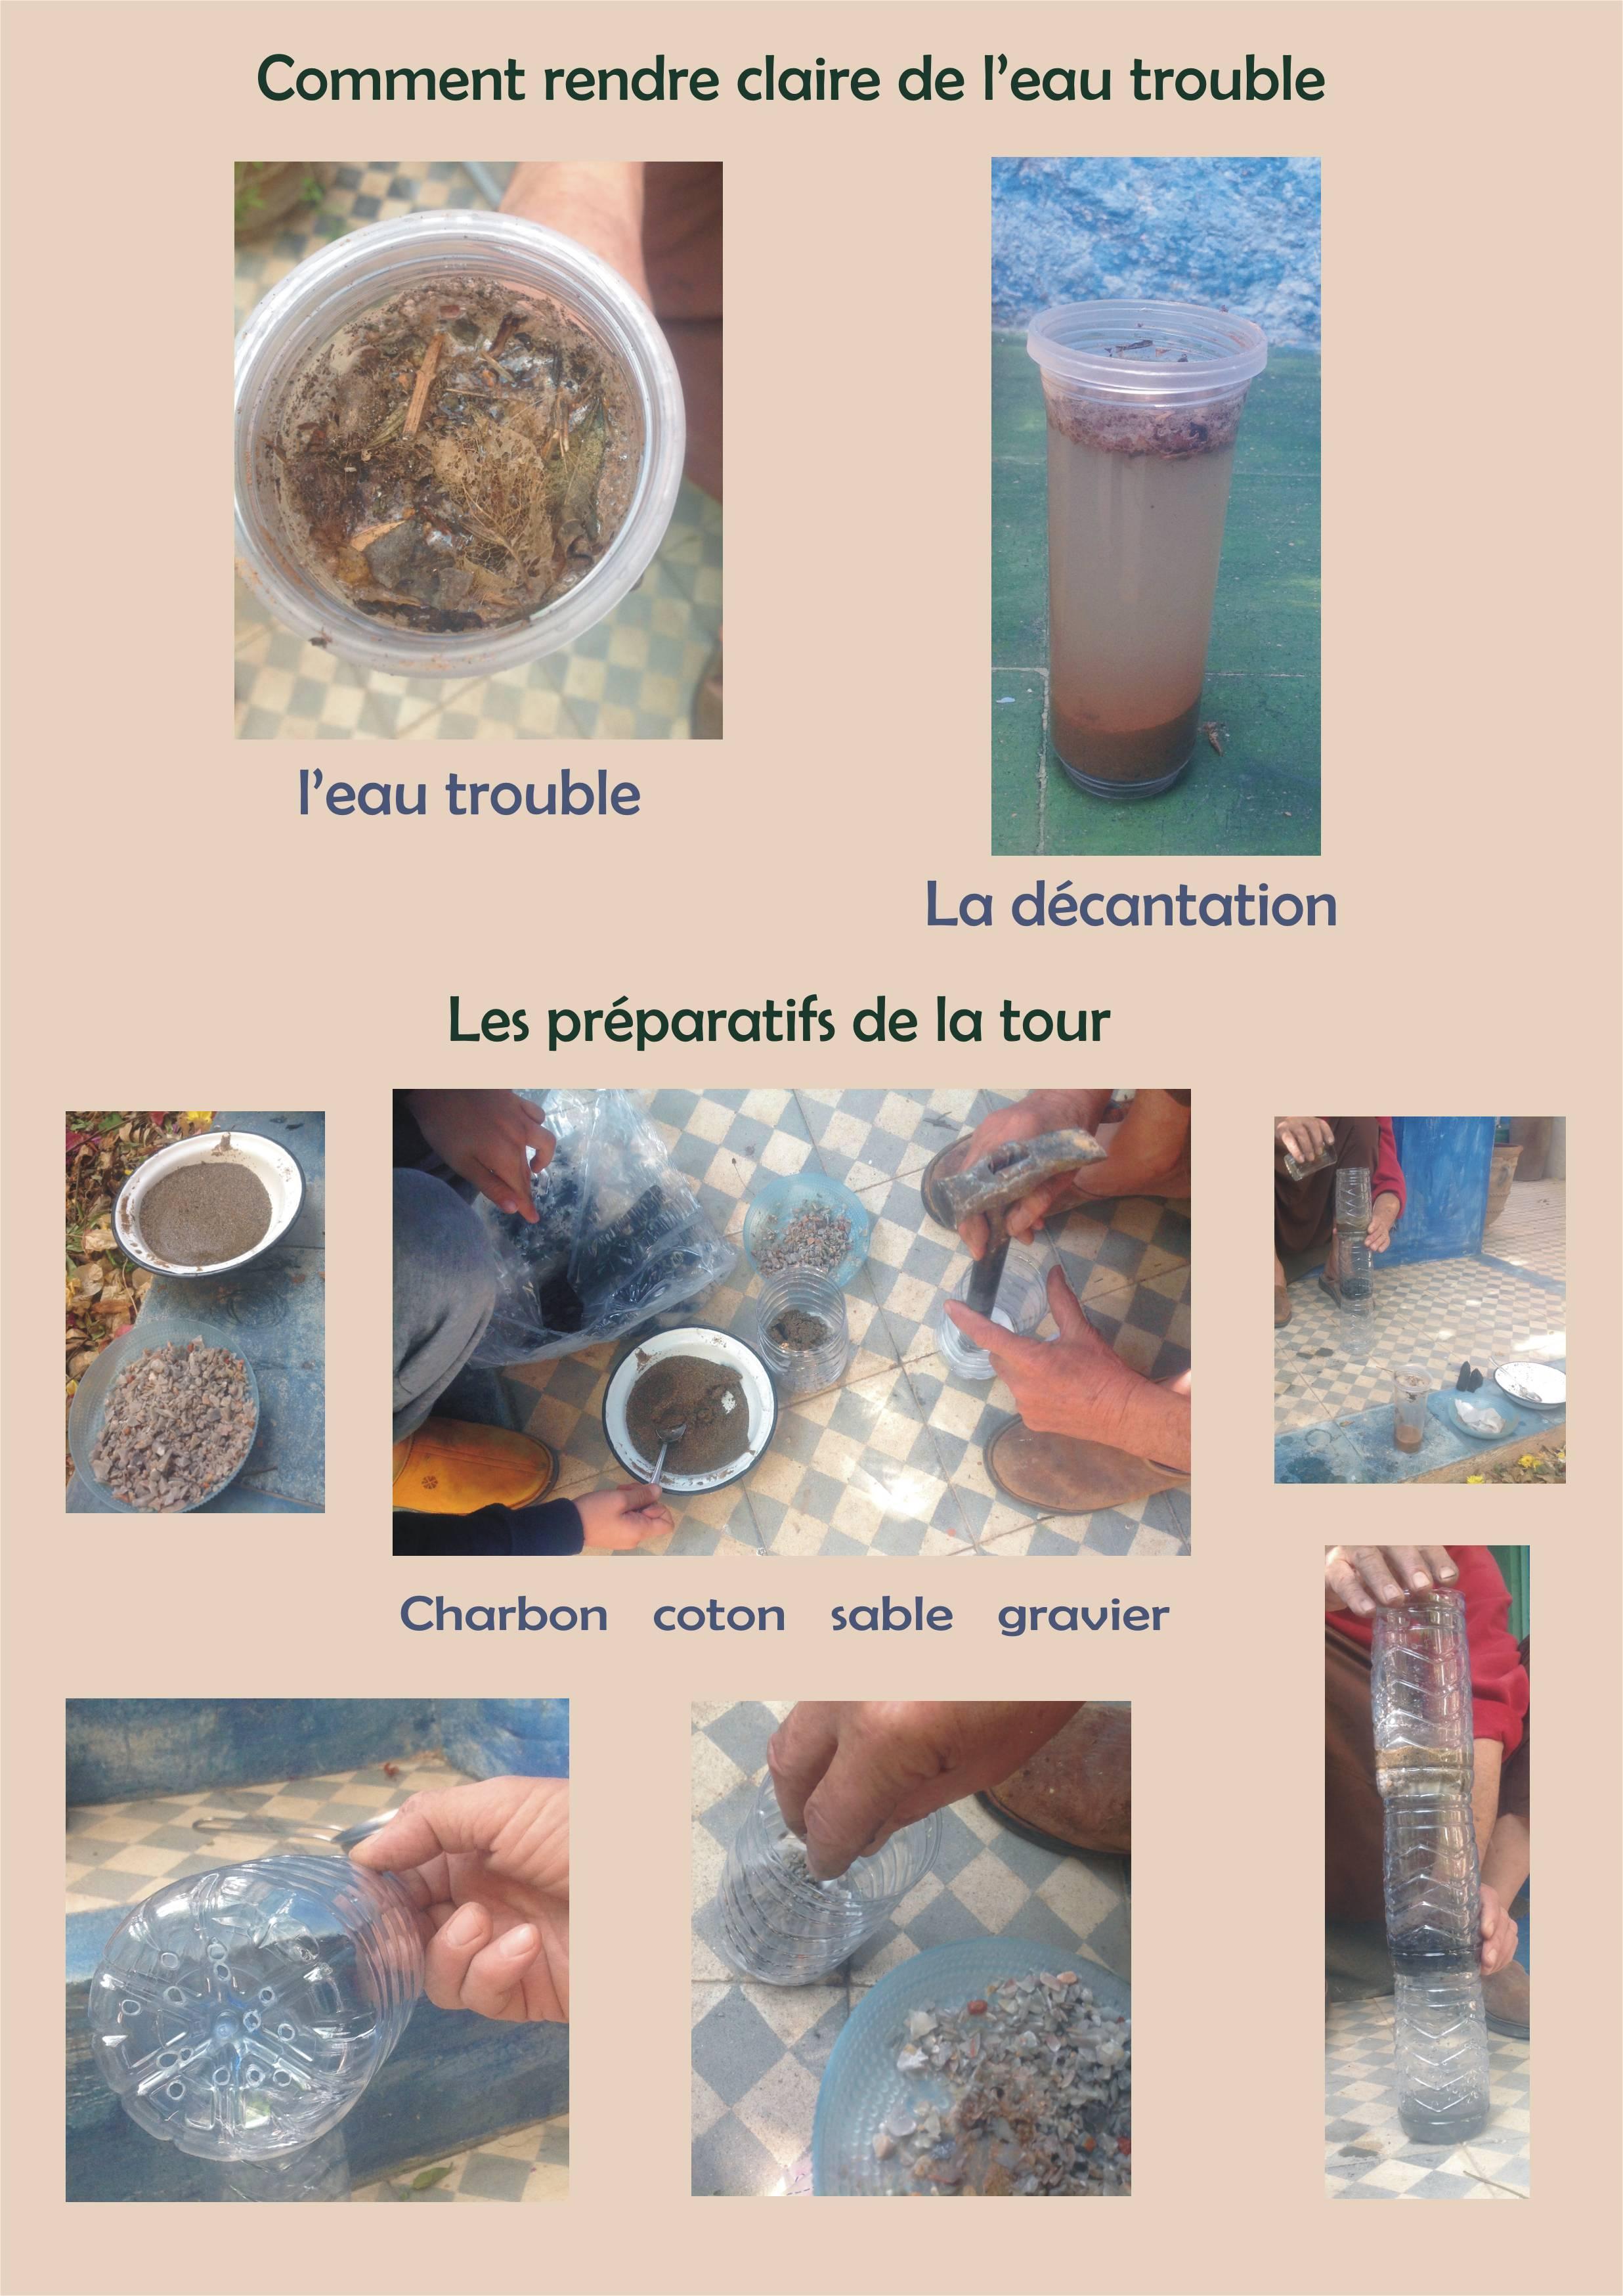 rendre claire de l'eau trouble 1